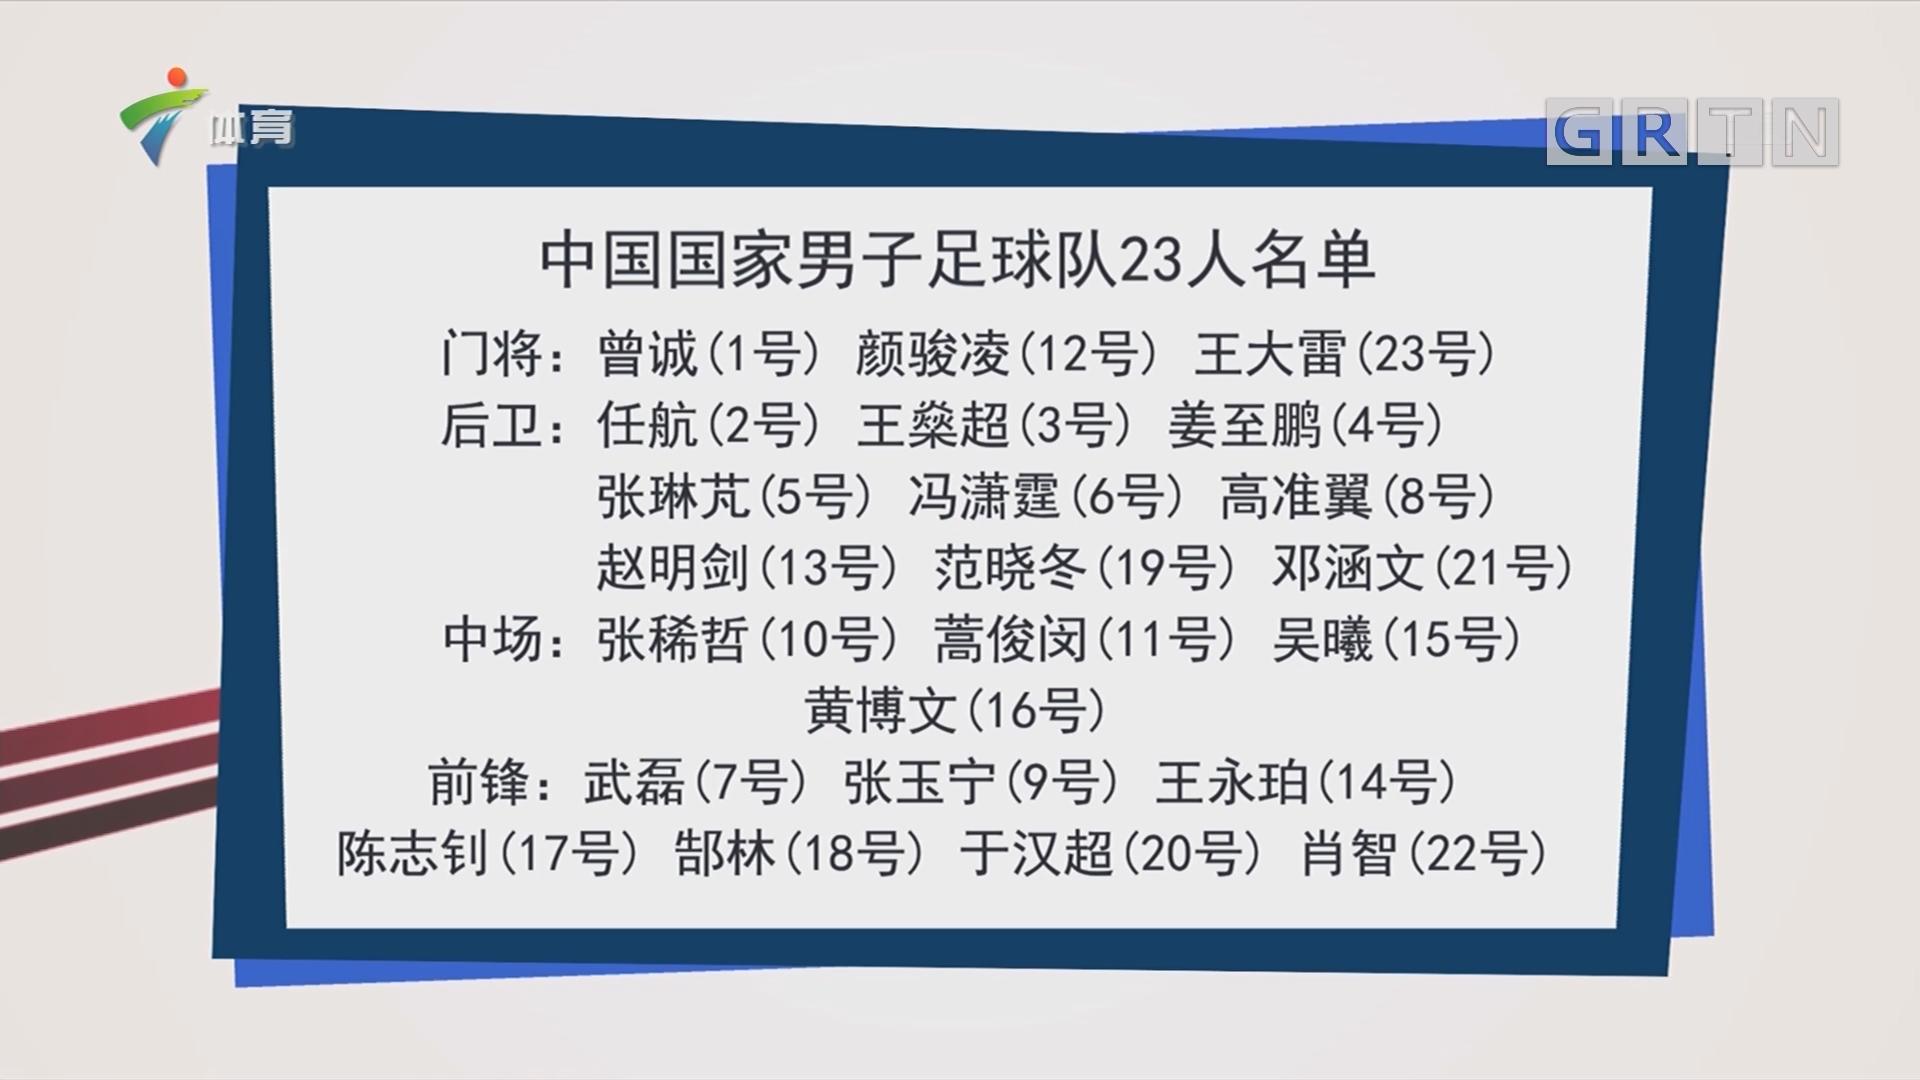 国足23人名单:郑智缺席 尹鸿博停赛